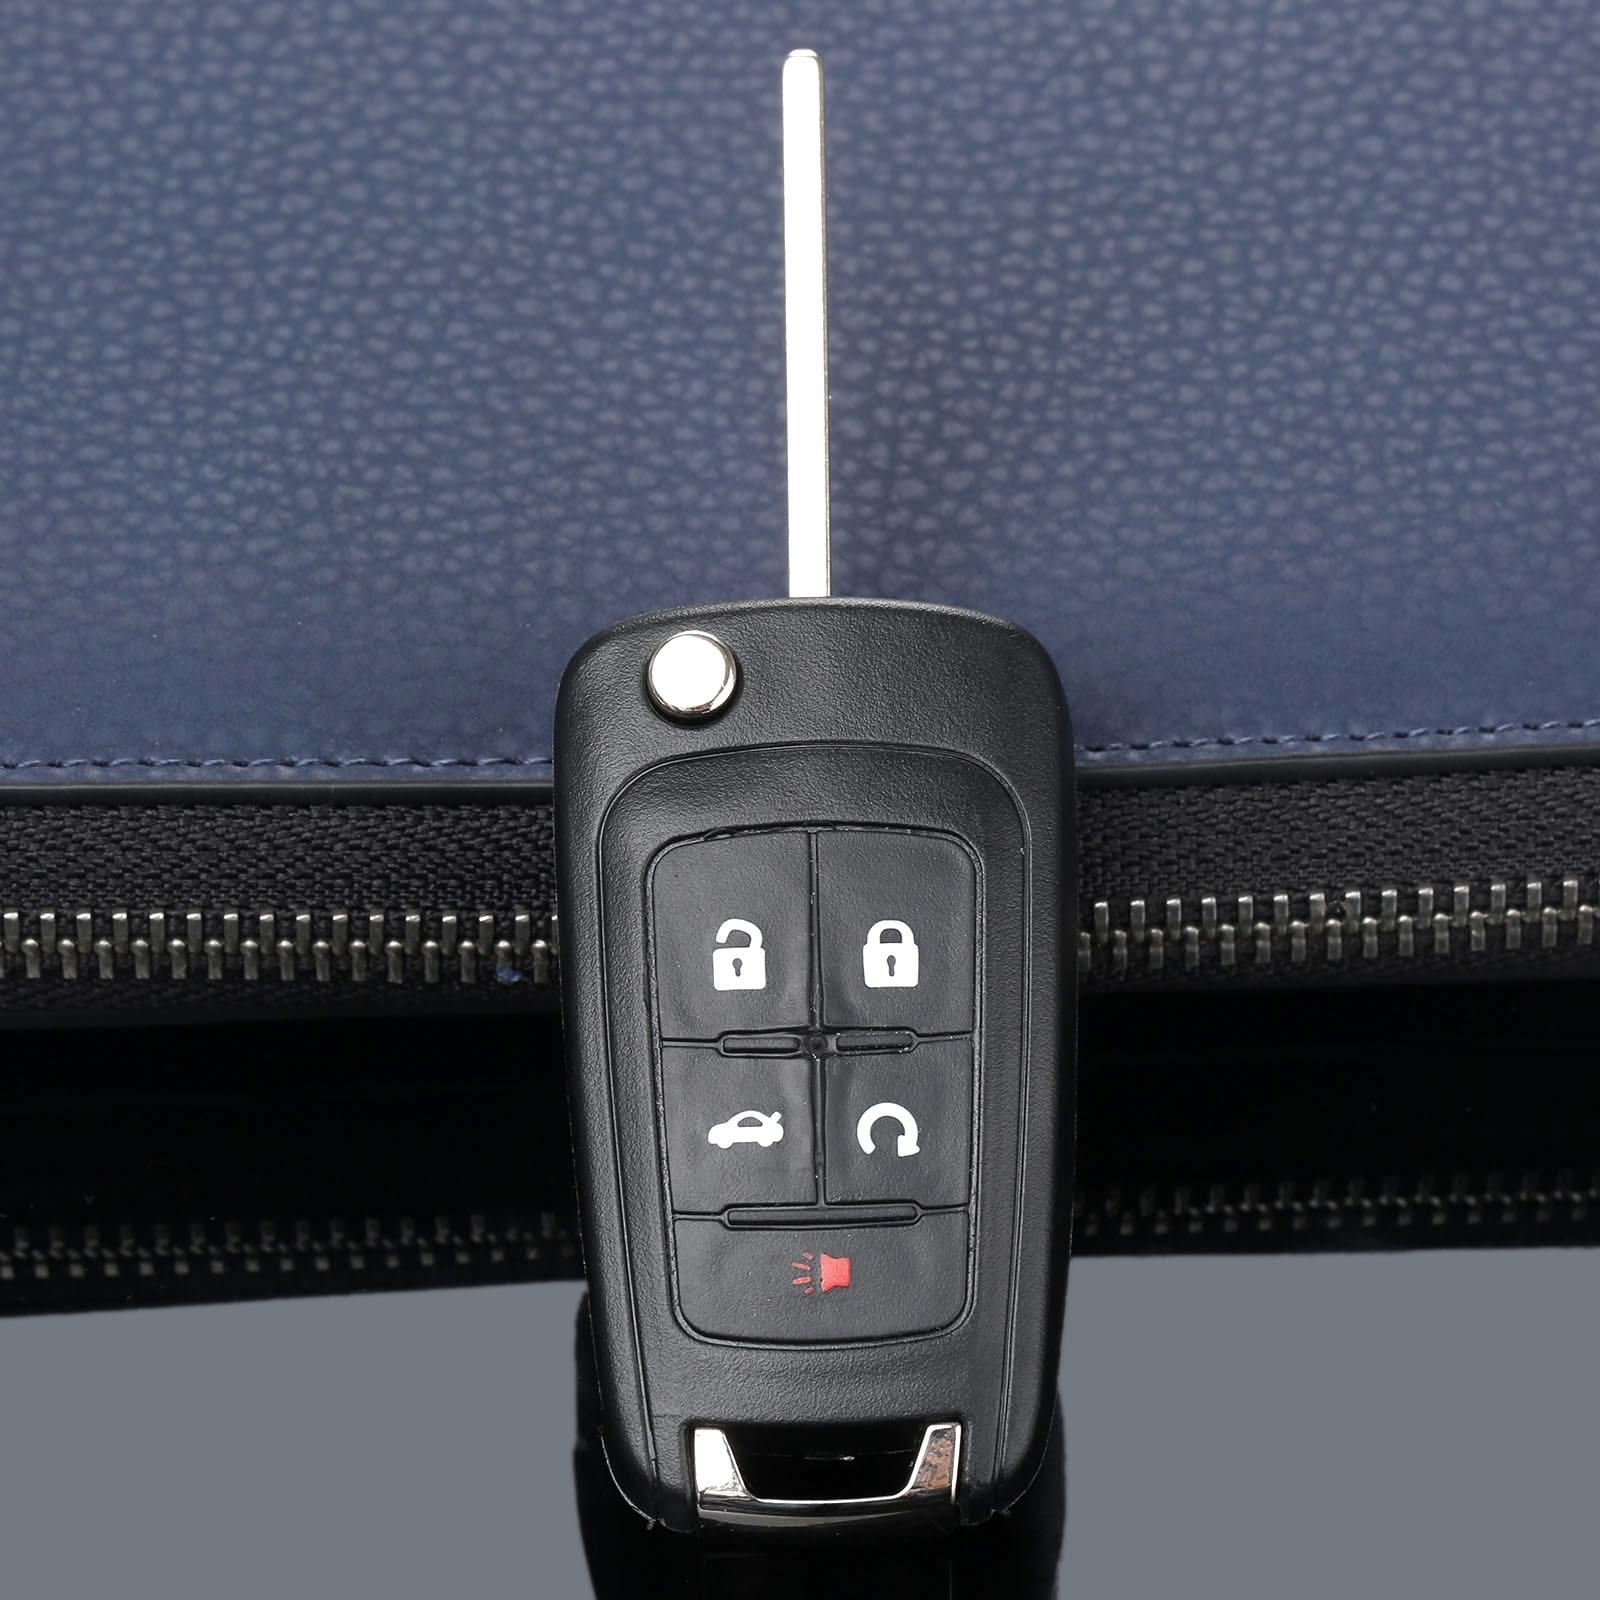 Image 2 - Чехол для дистанционного ключа 5 кнопок откидной складной чехол для Buick Lacrosse Regal Verano ключ сигнализации автомобиля сменный без ключа Fob крышка-in Ключ авто from Автомобили и мотоциклы